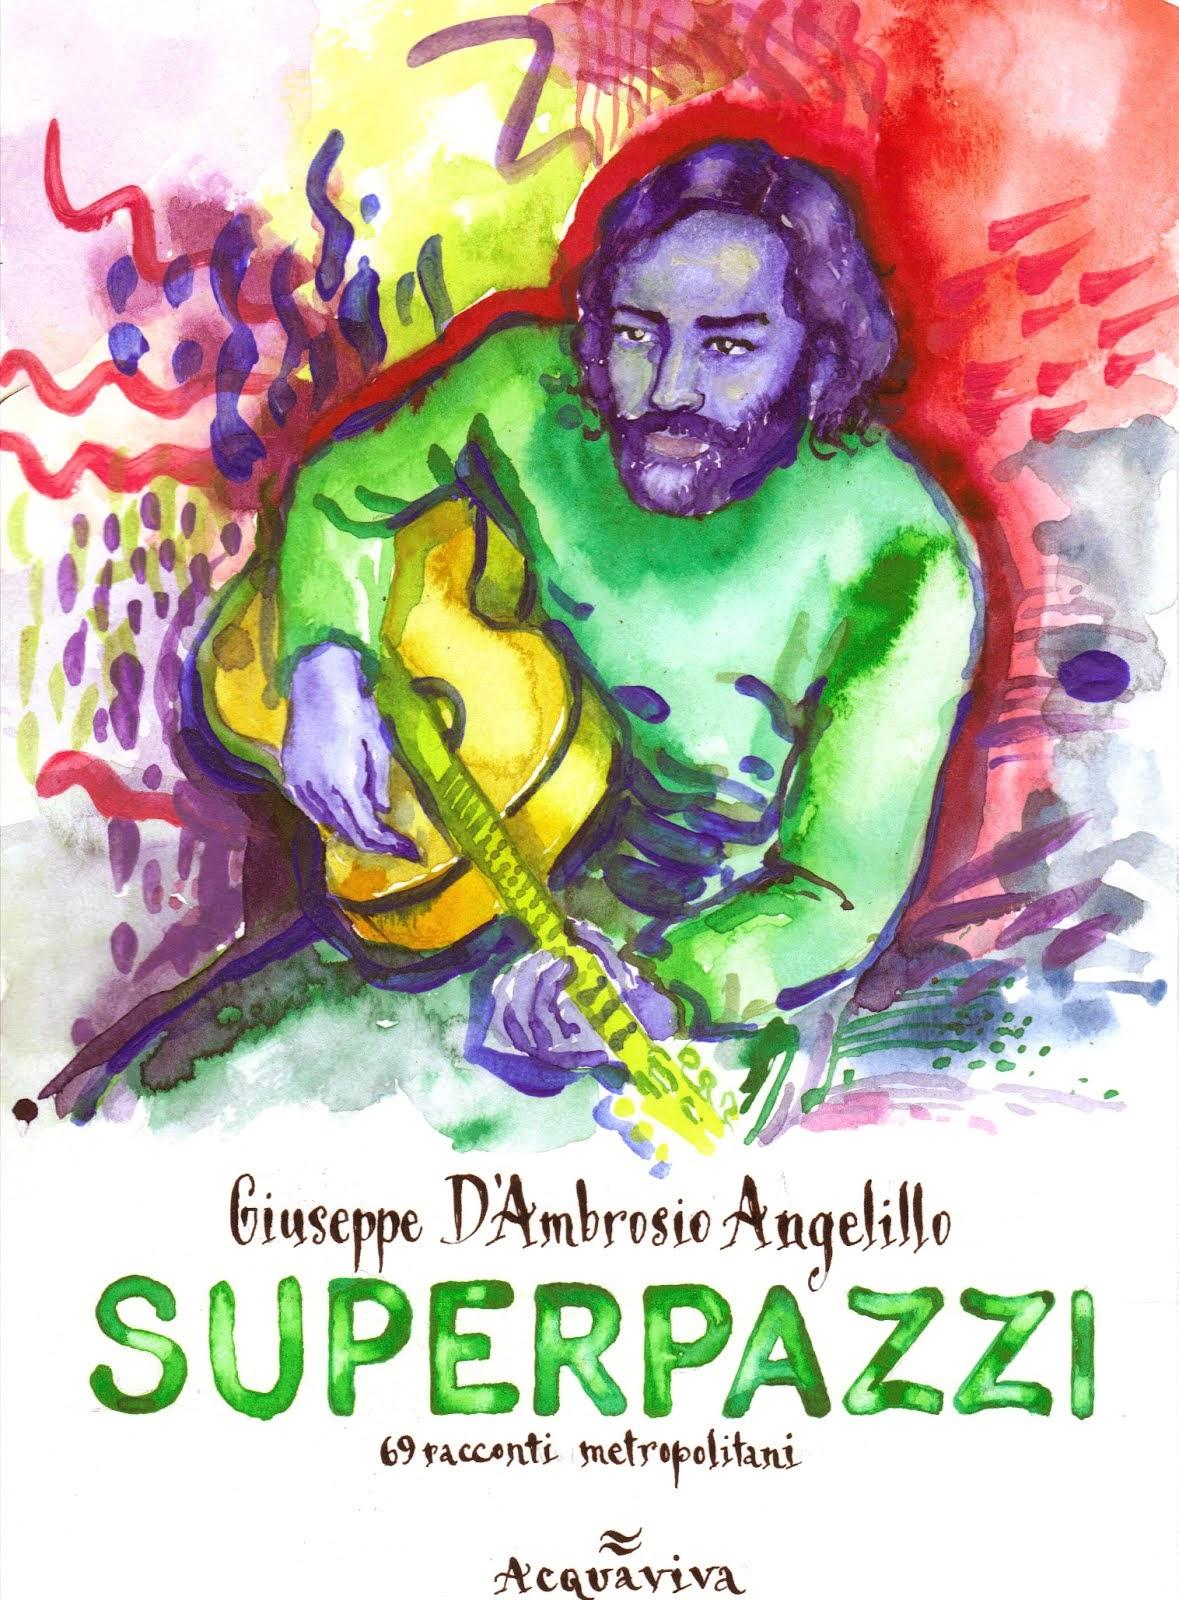 SUPERPAZZI